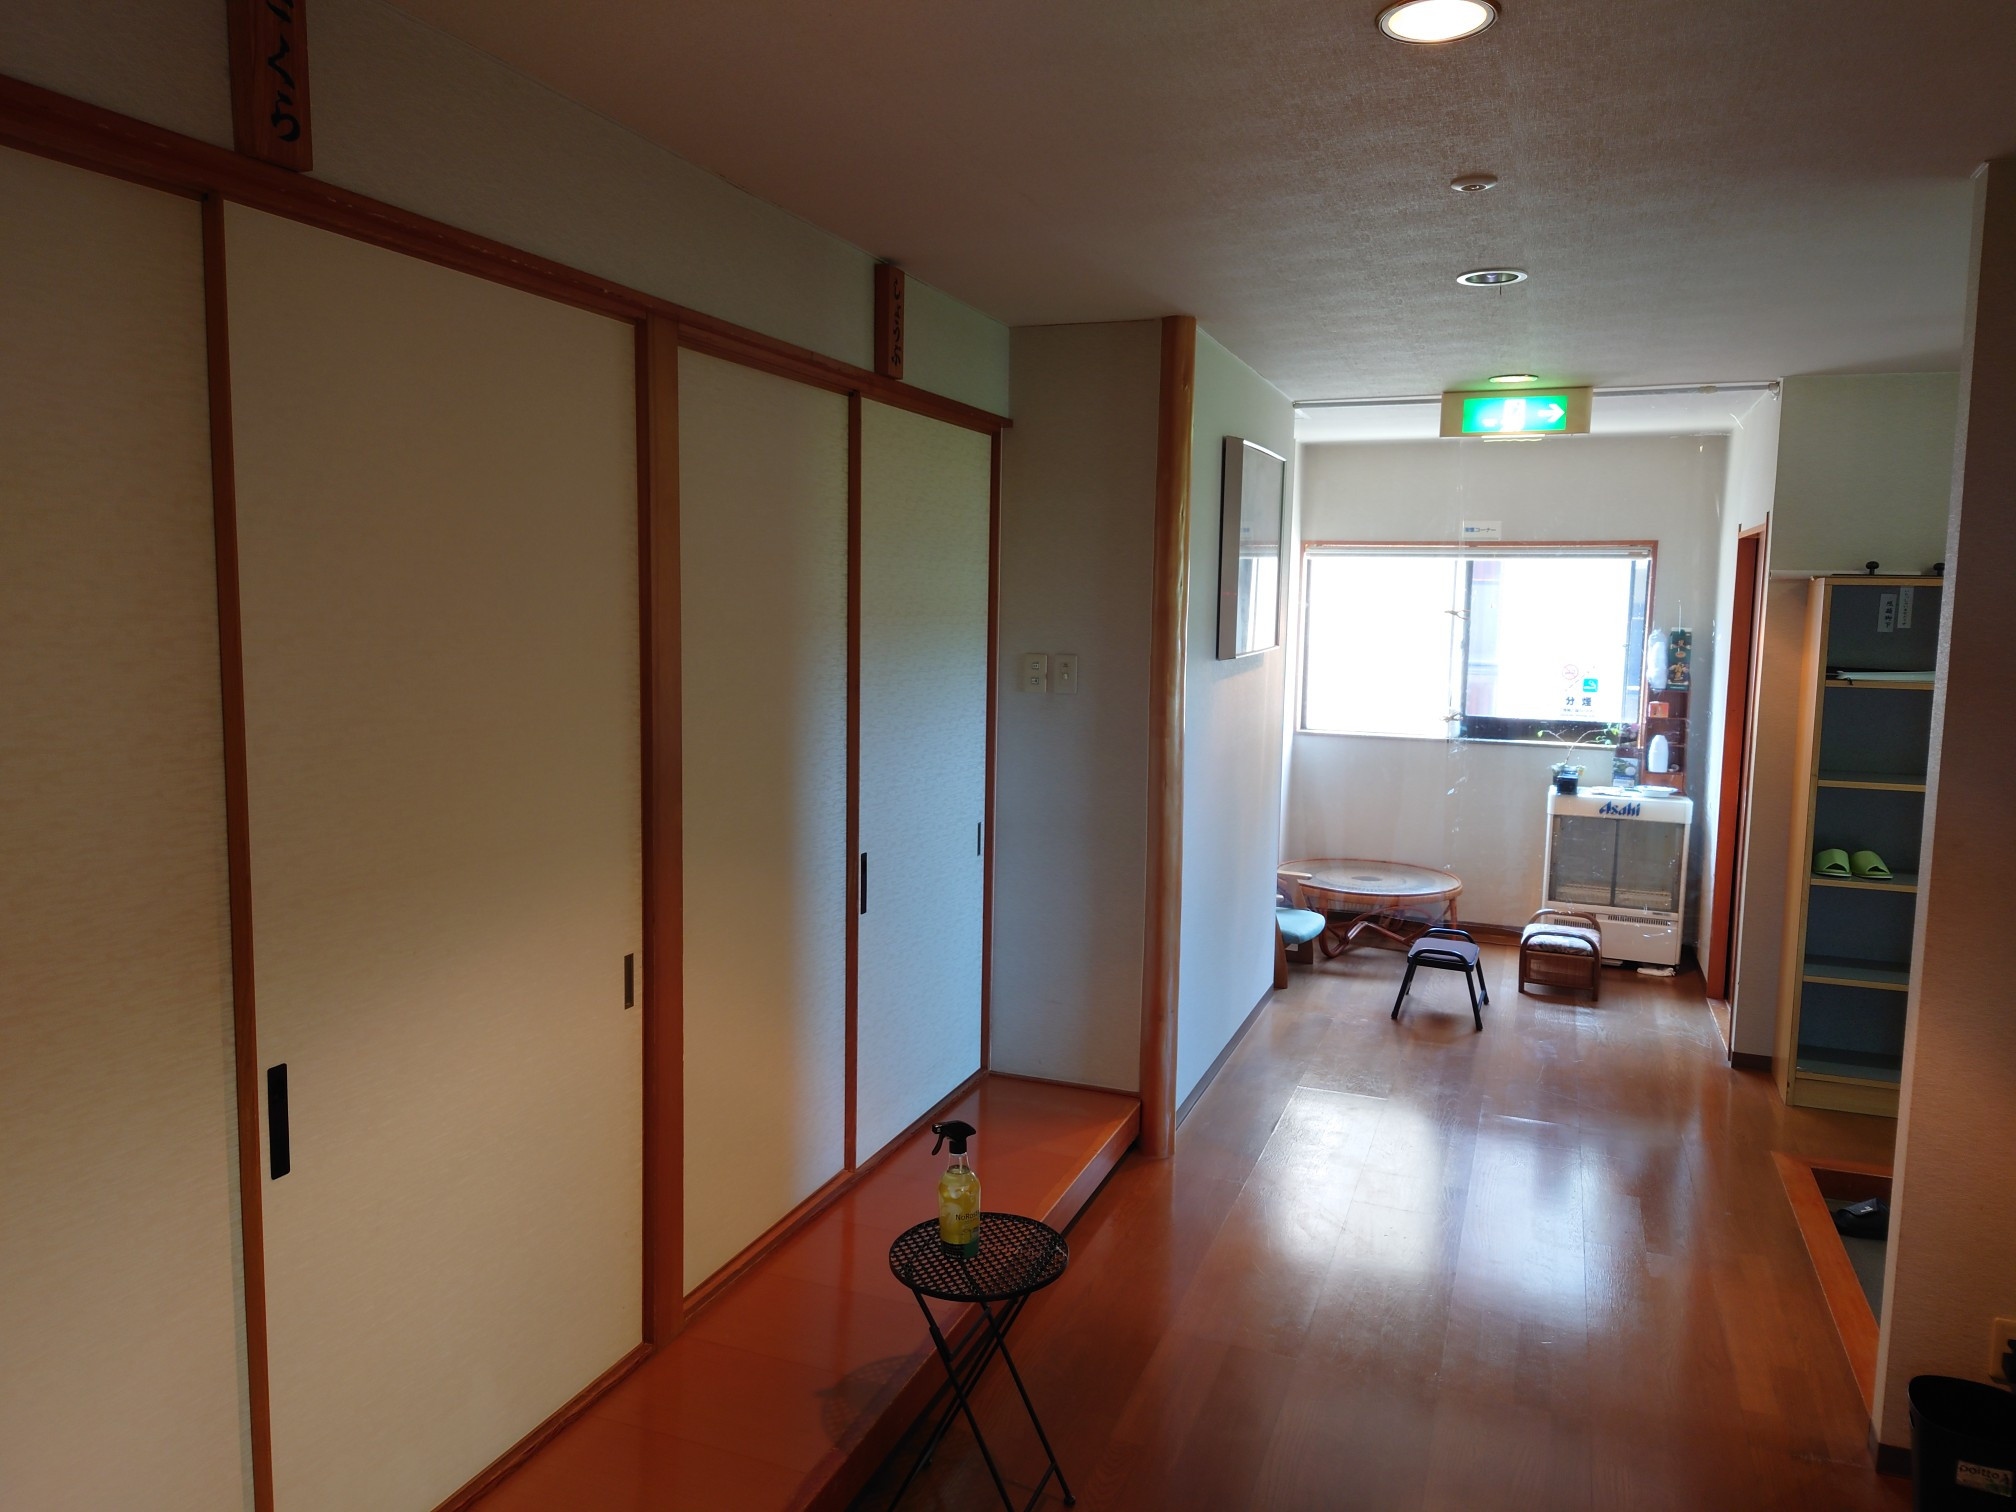 民宿八木は居酒屋と併設する料理自慢の宿です